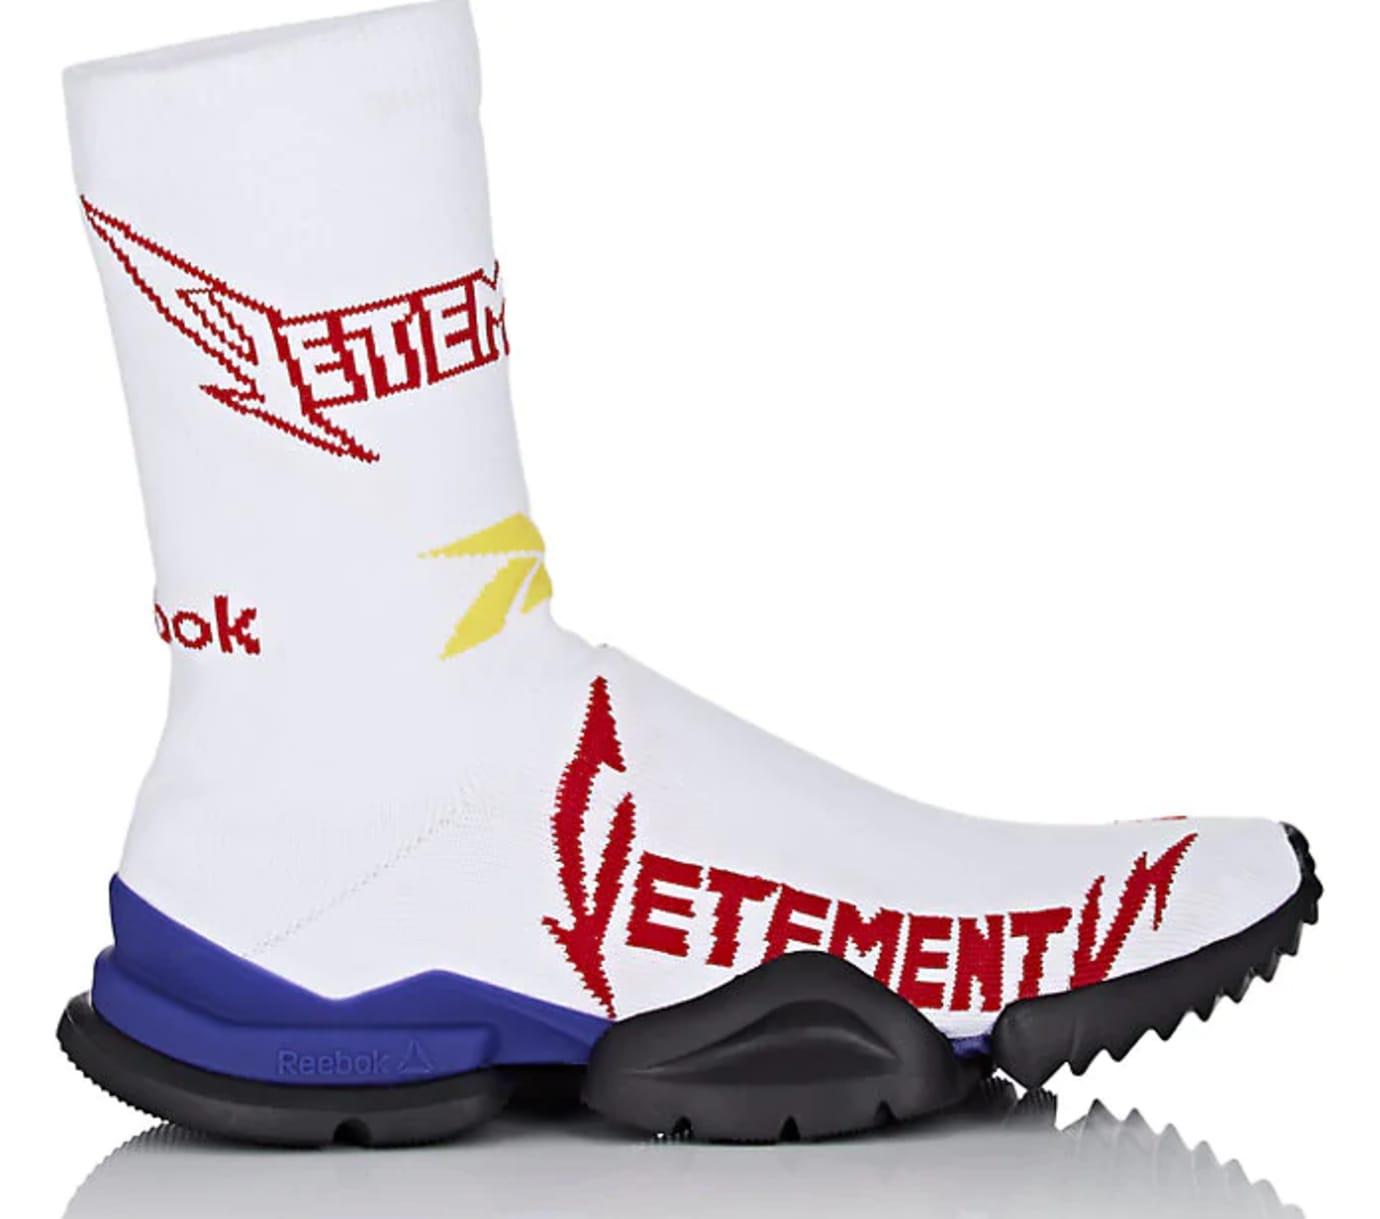 Vetements x Reebok Sock Runner 'White/Red/Yellow'